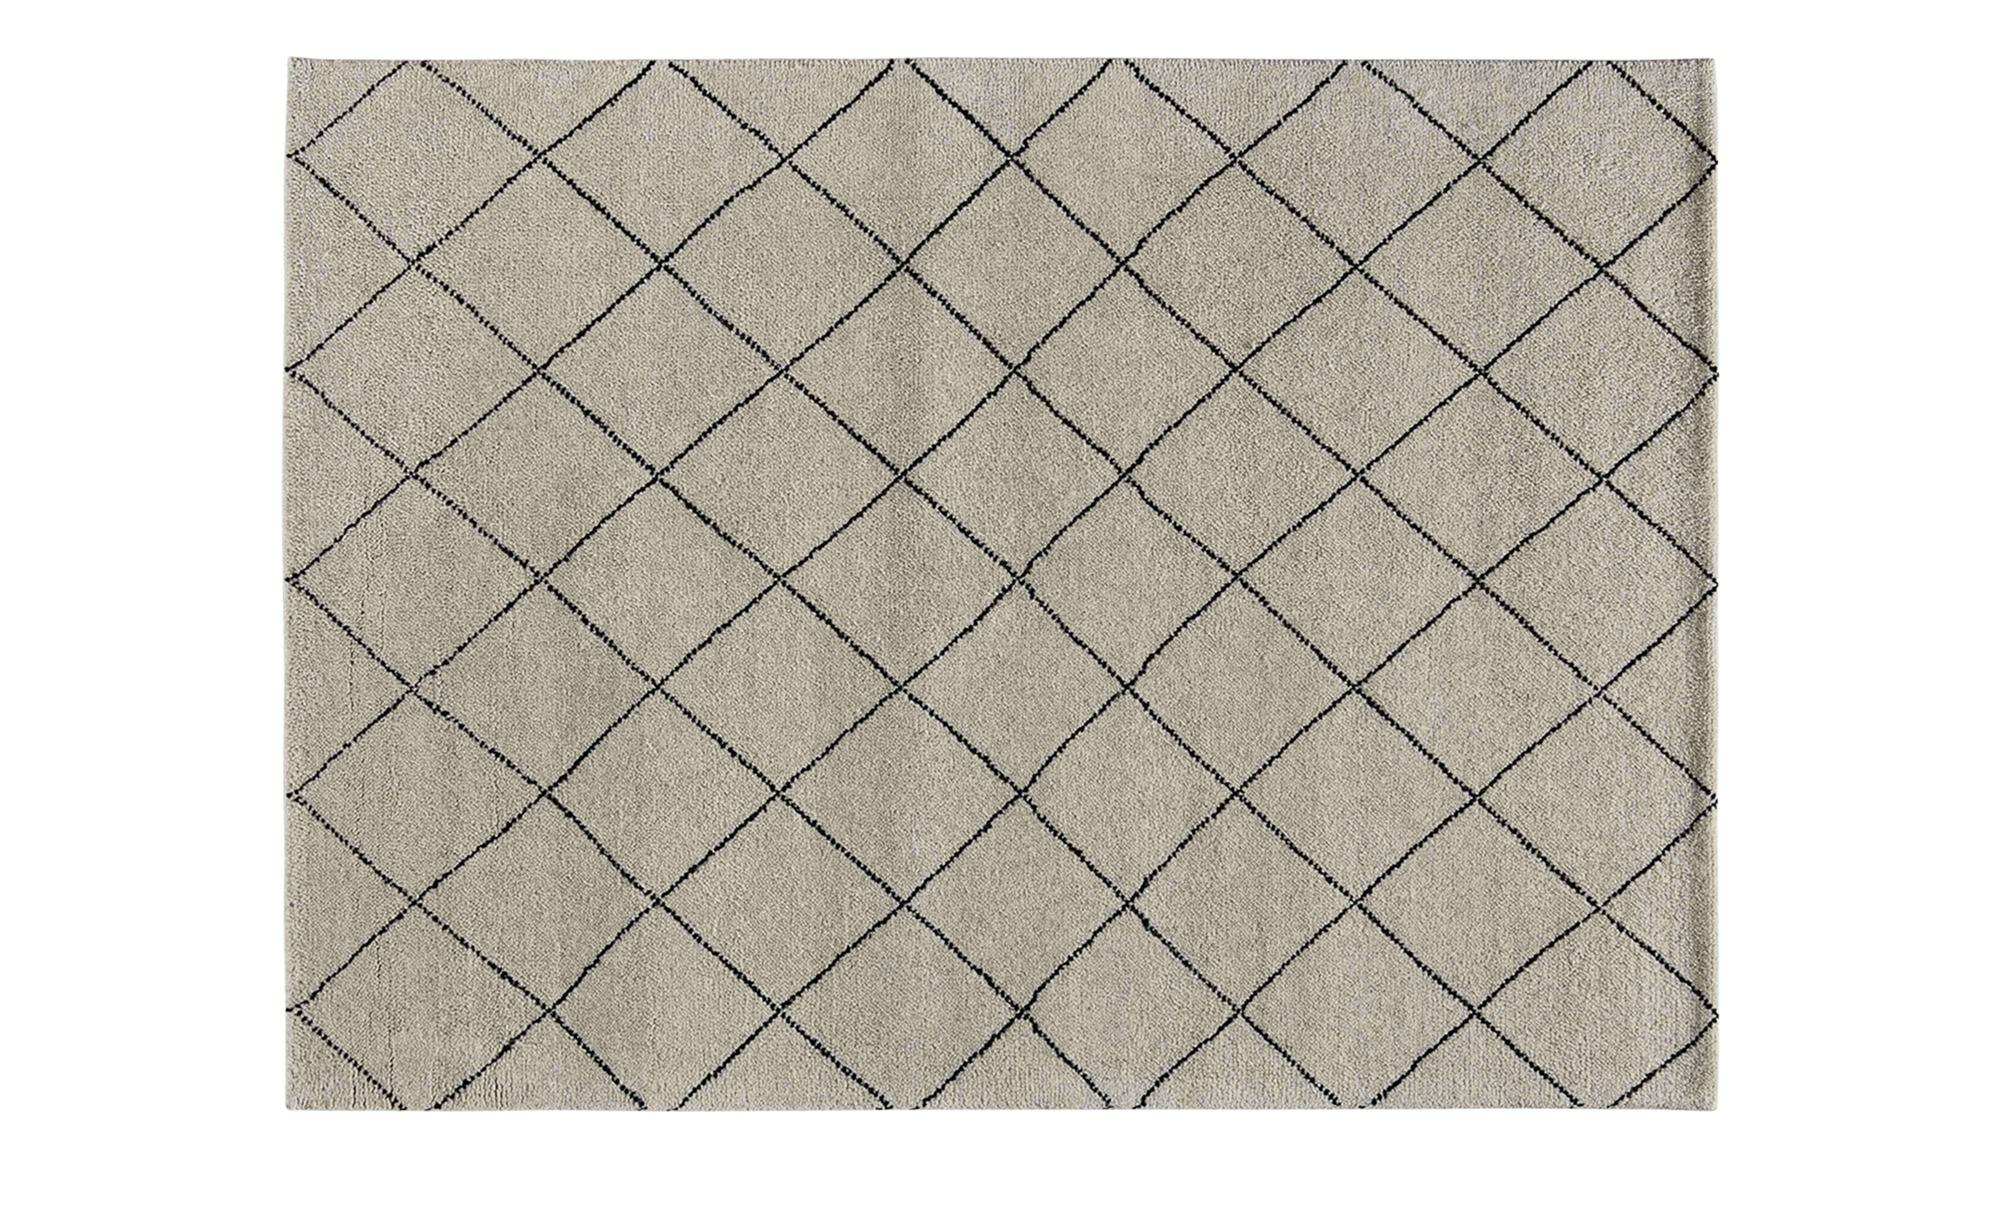 Berber-Teppich  Marrakesh Design simple - grau - reine Wolle - 120 cm - Teppiche > Naturteppiche - Möbel Kraft | Heimtextilien > Teppiche > Berberteppiche | Sconto